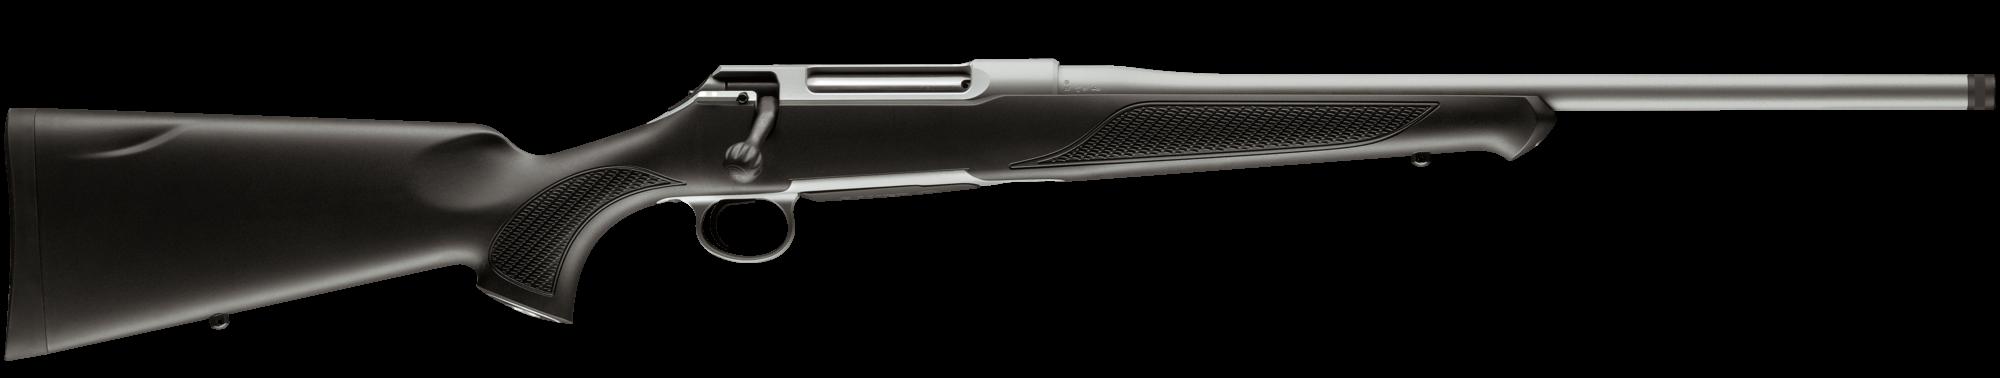 Sauer 100 Ceratech 9,3x62 kivääri